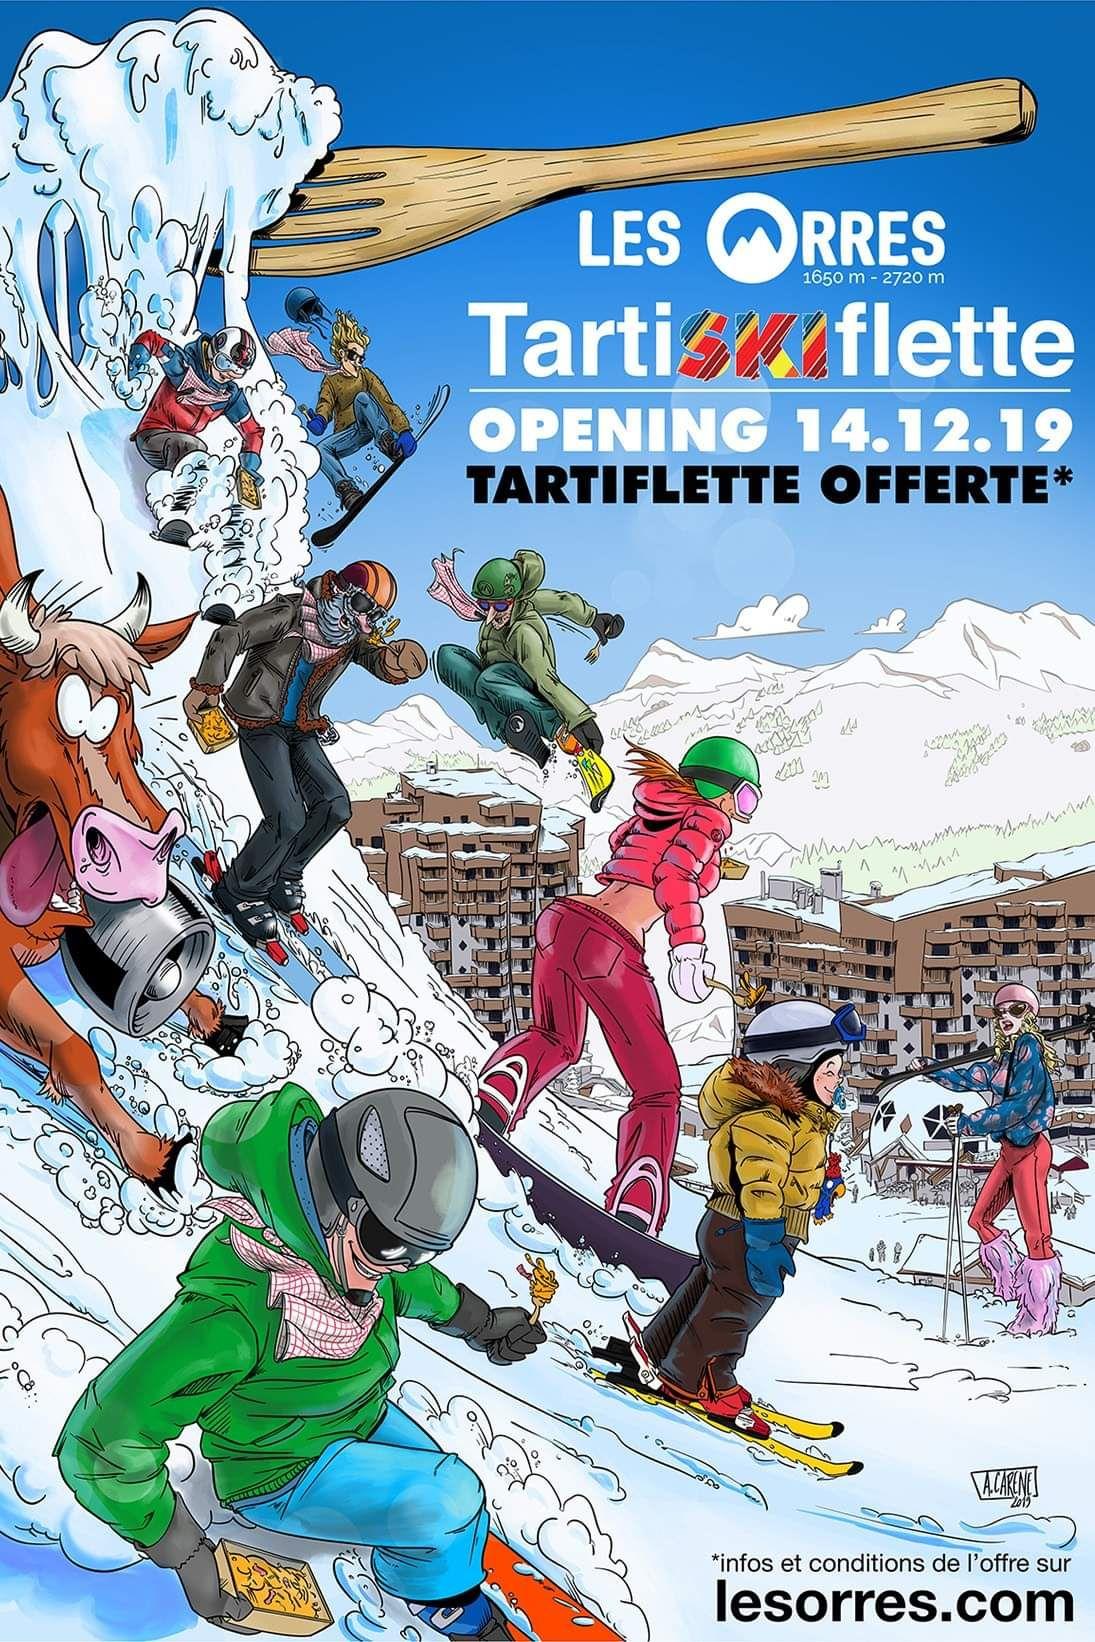 Tartiflette offerte pour un forfait ski acheté - Les Orres (05)